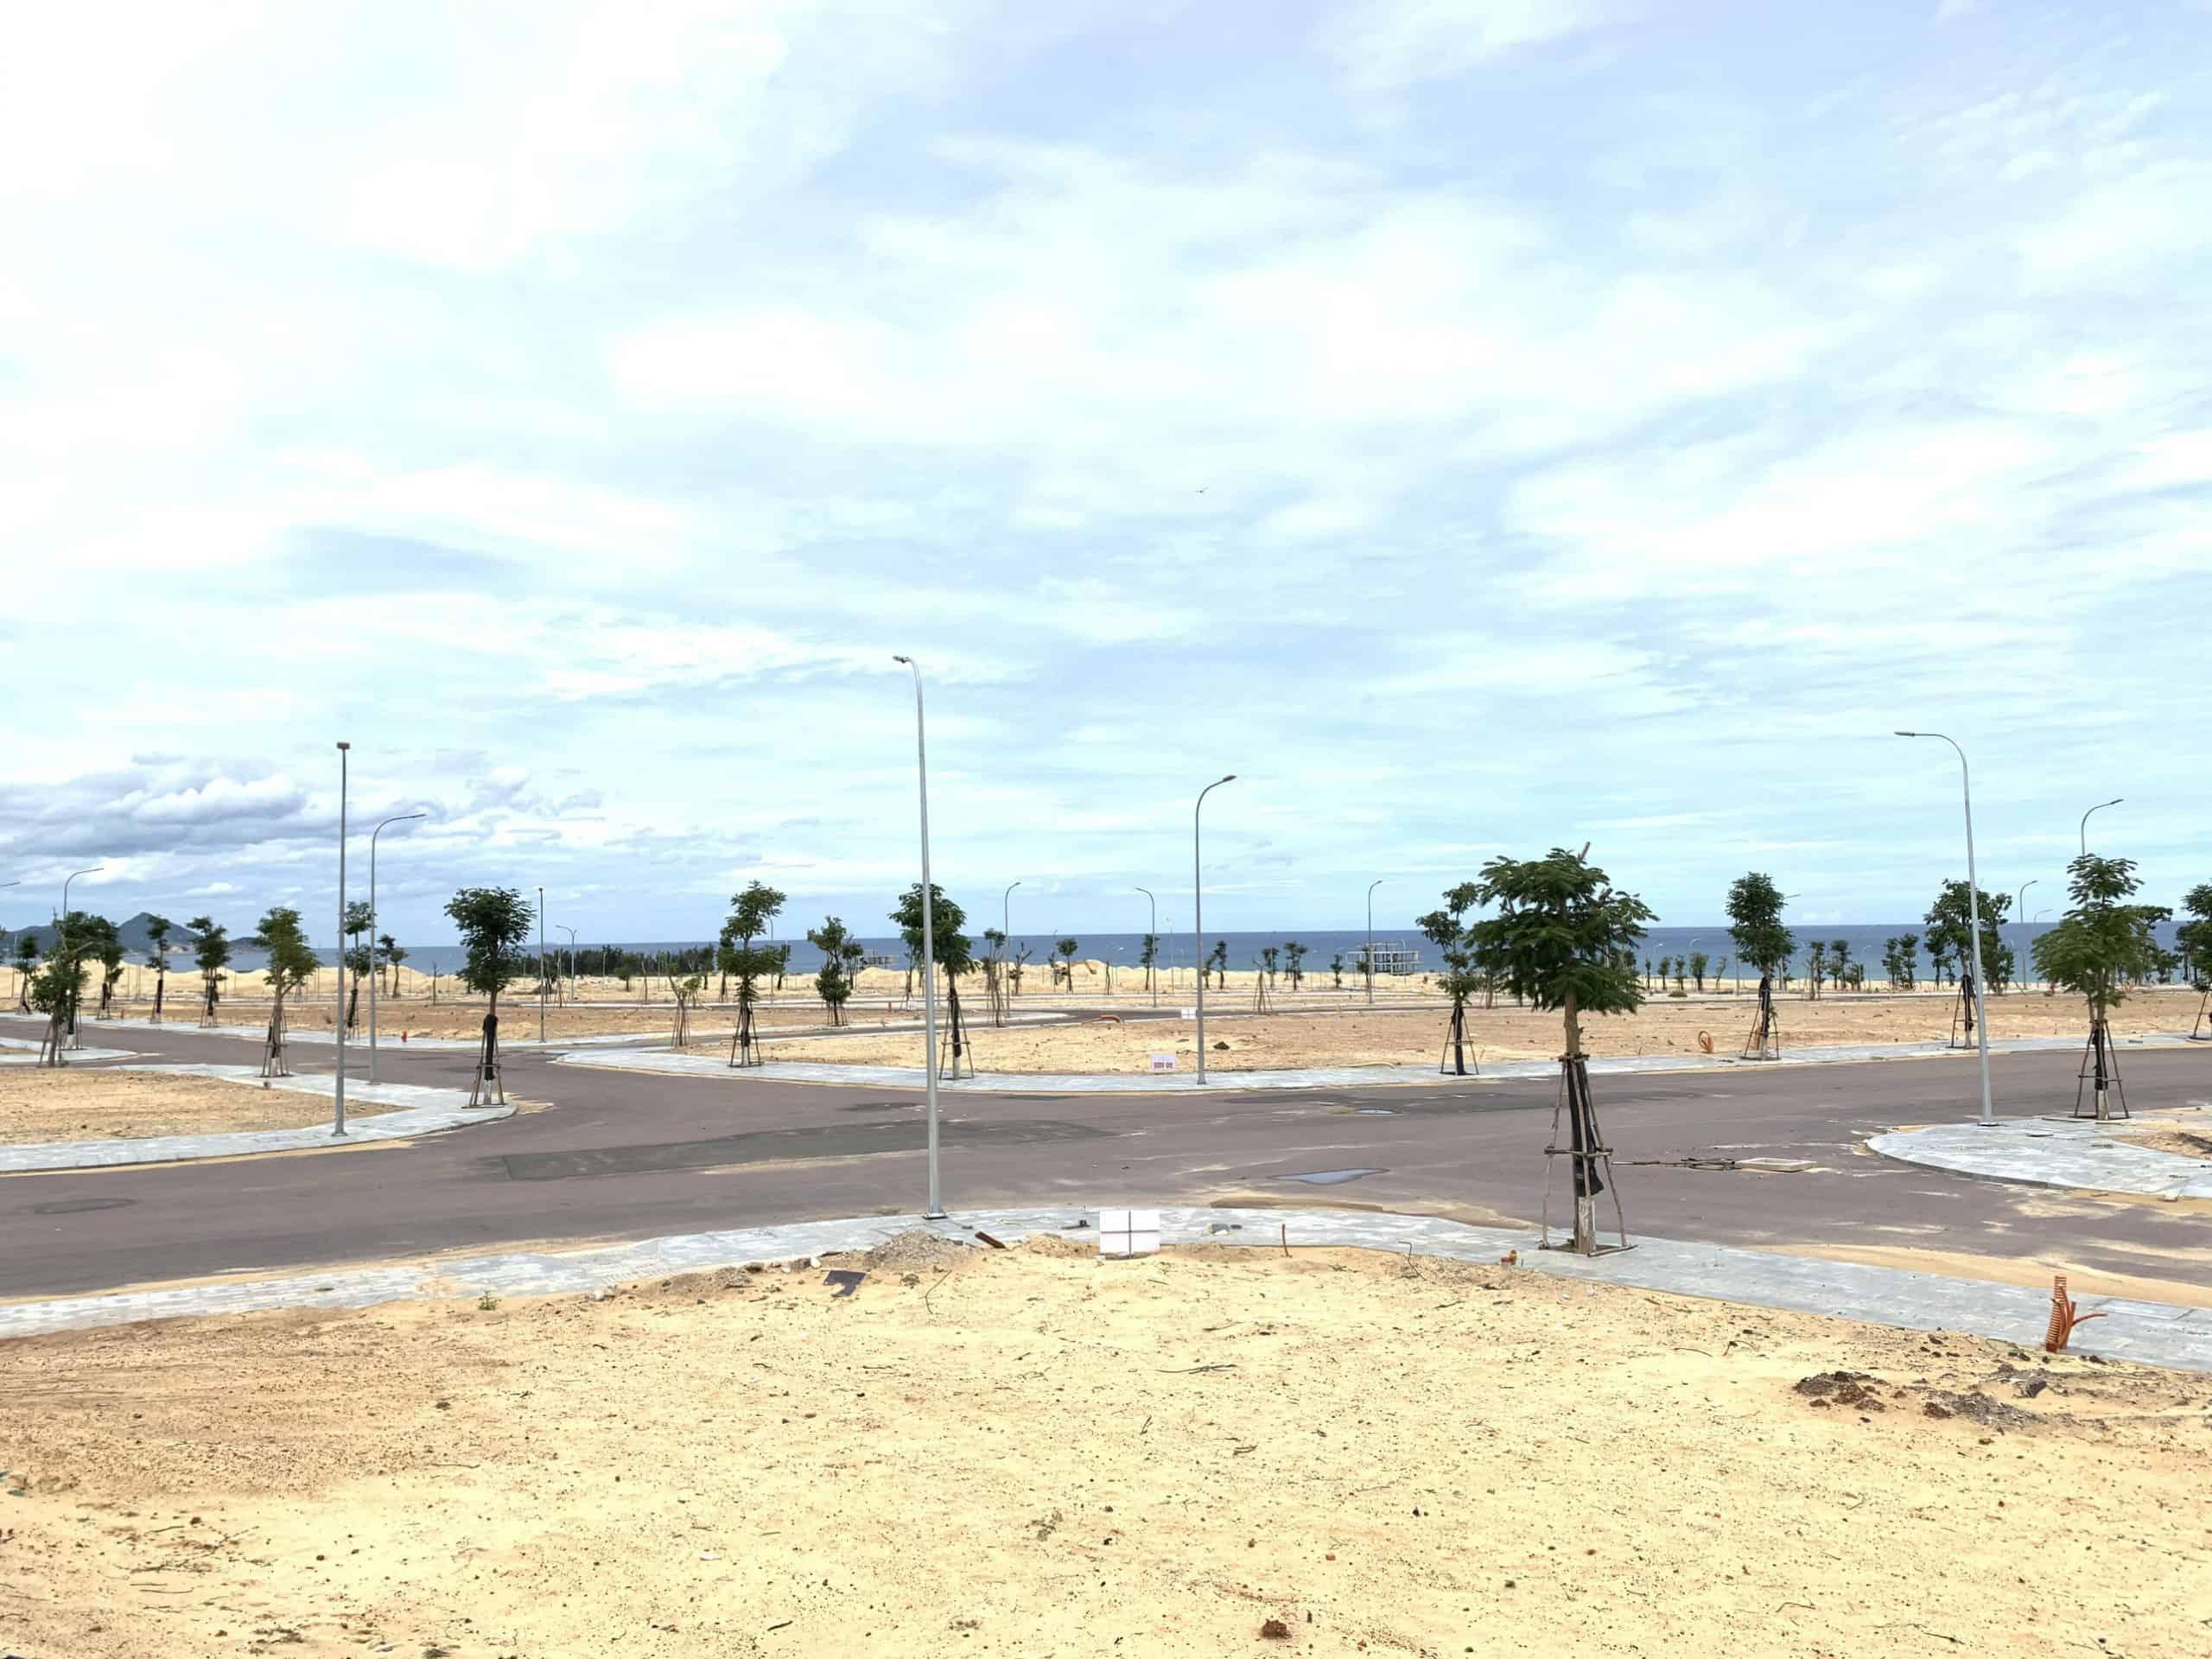 Giá đất ở Bình Định có nơi tăng 400% trong 5 năm qua?